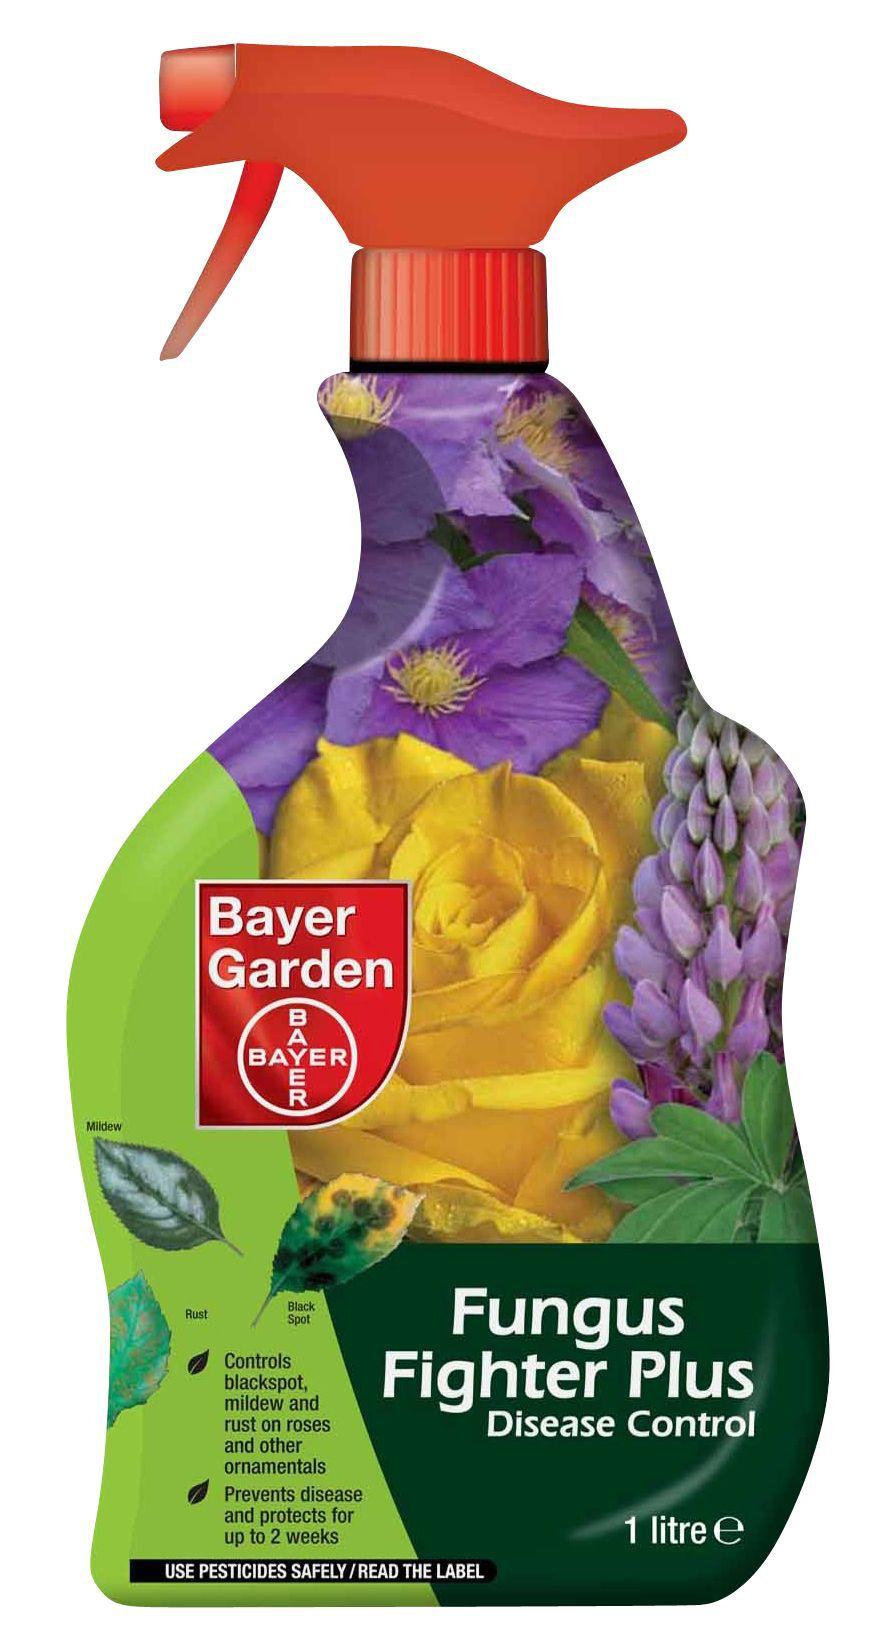 Bayer garden fungus fighter plus ready to use disease for Bayer garden